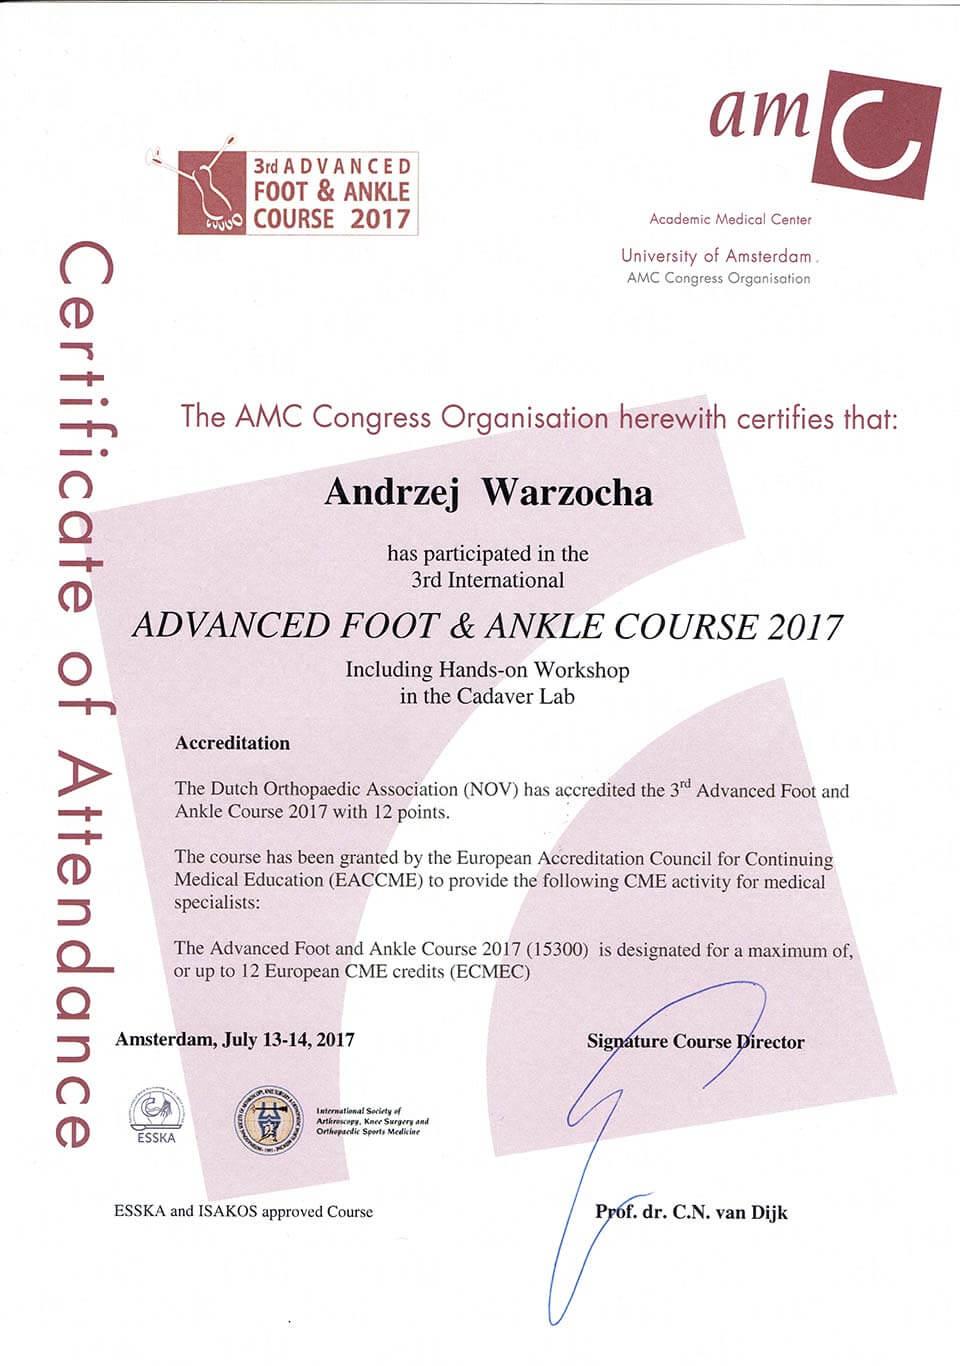 certyfikat-dyplom-adrzej-warzocha (20)